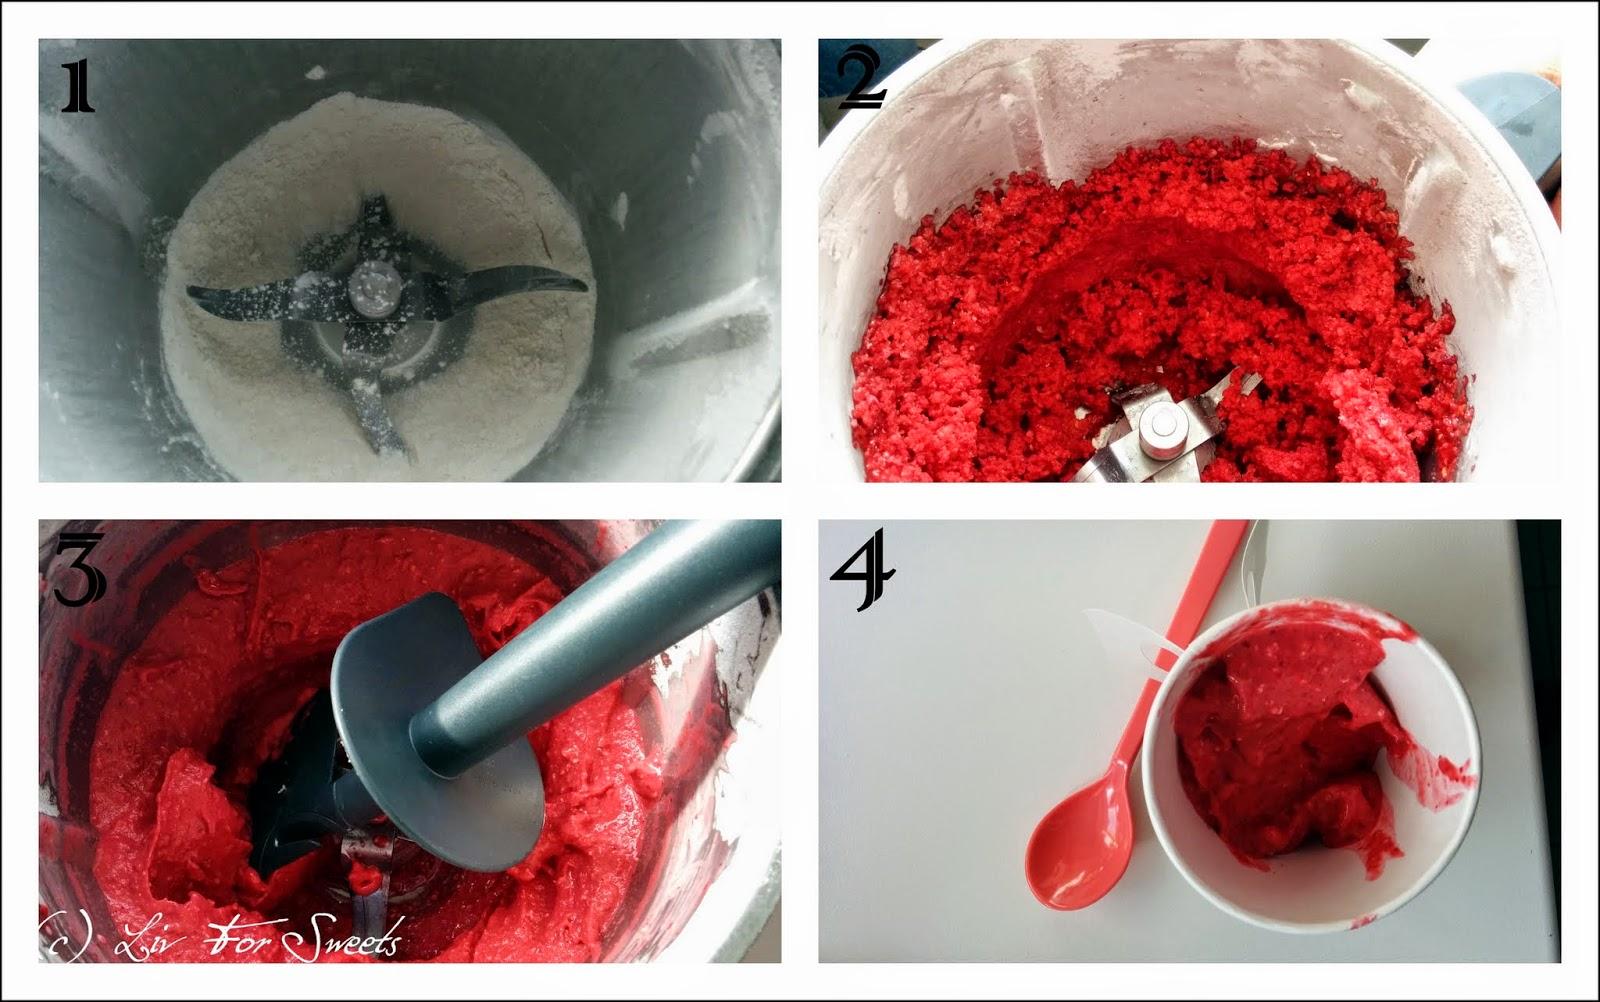 Zucker wird im Thermomix TM31 zu Puderzucker gemahlen, gefrorene Himbeeren werden gehackt, Sahne kommt dazu, Eis ist fertig